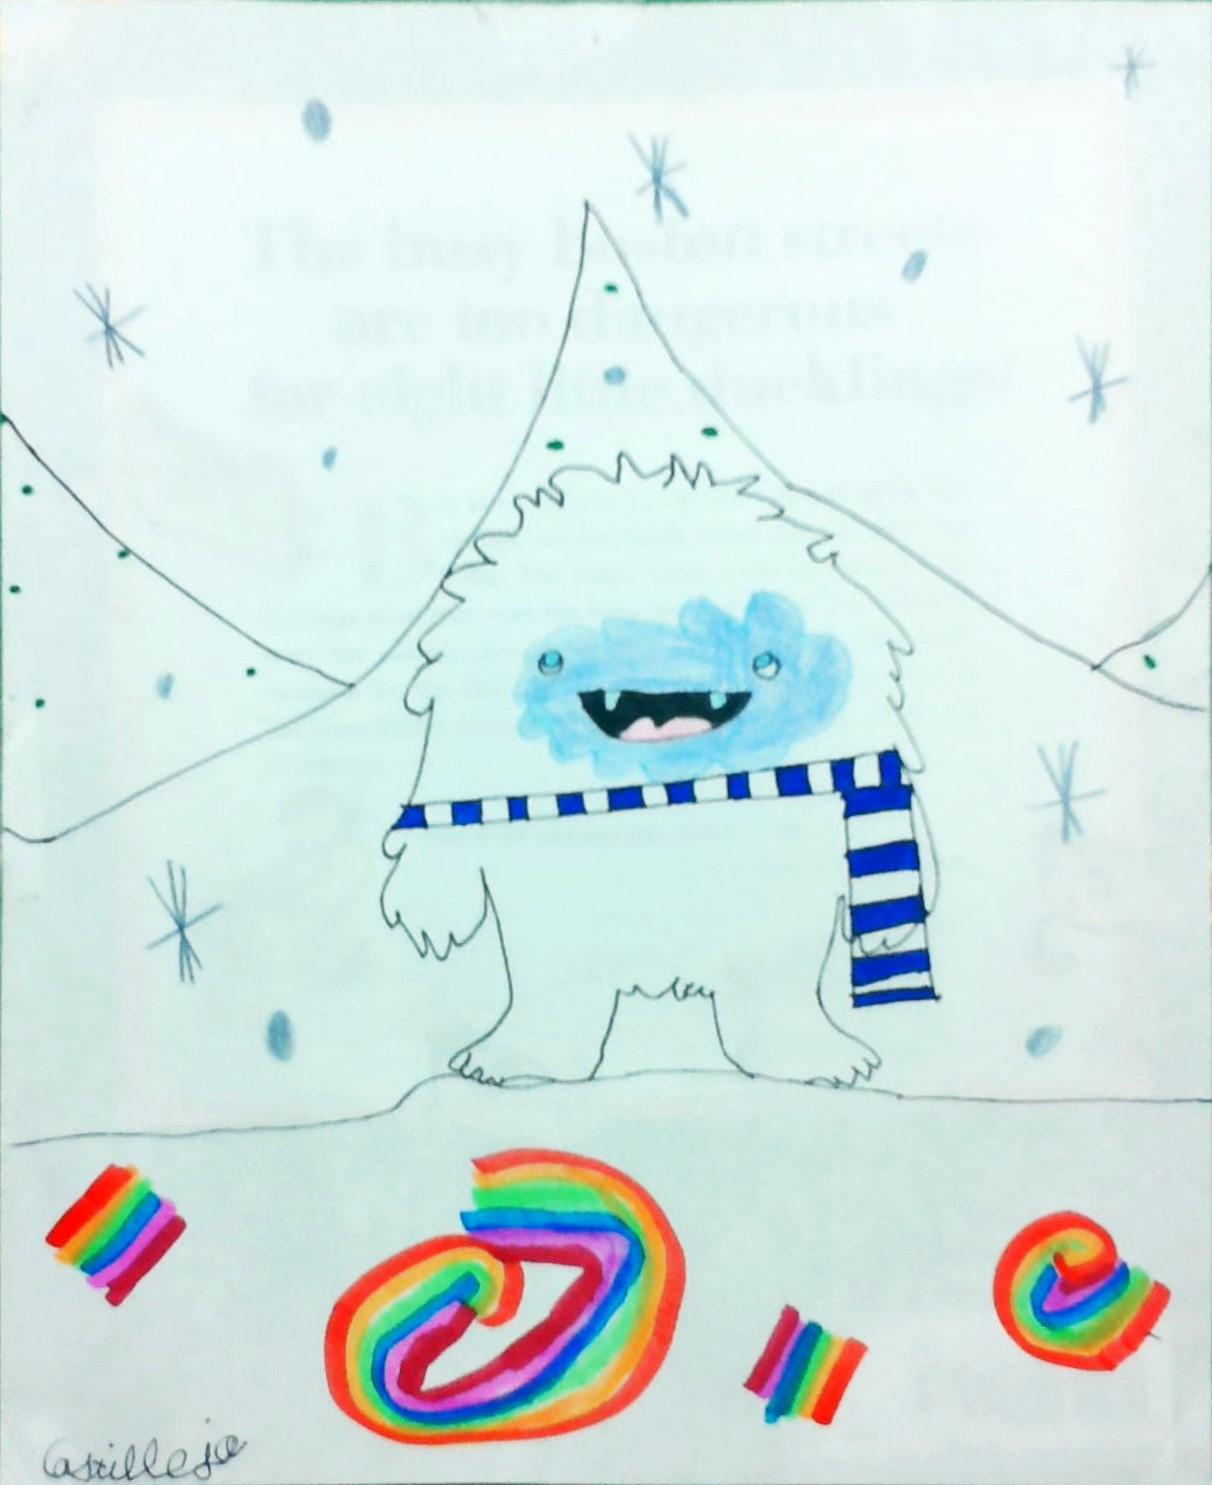 yeti in a snowstorm castilleja 3rd grade